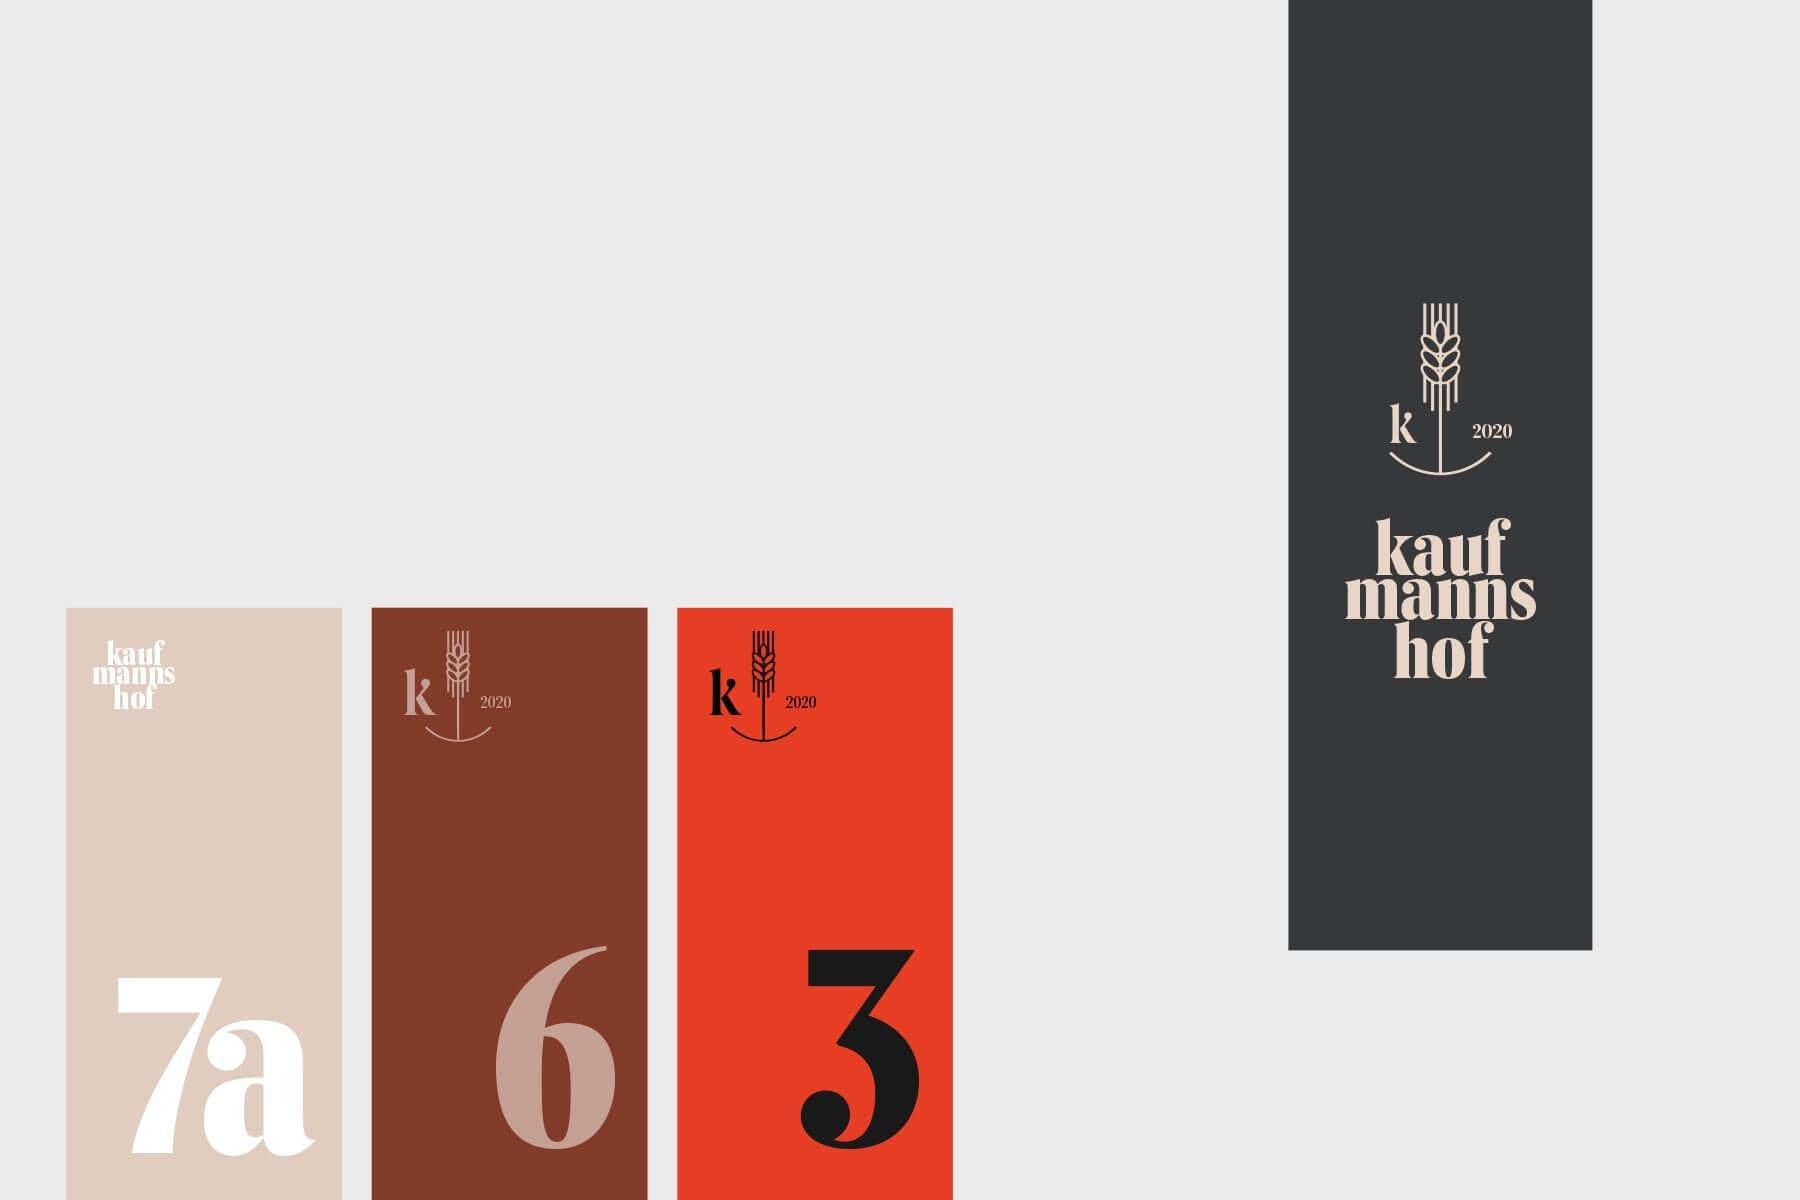 Markenentwicklung Anwendungsbeispiele Signage Marke Kaufmannshof